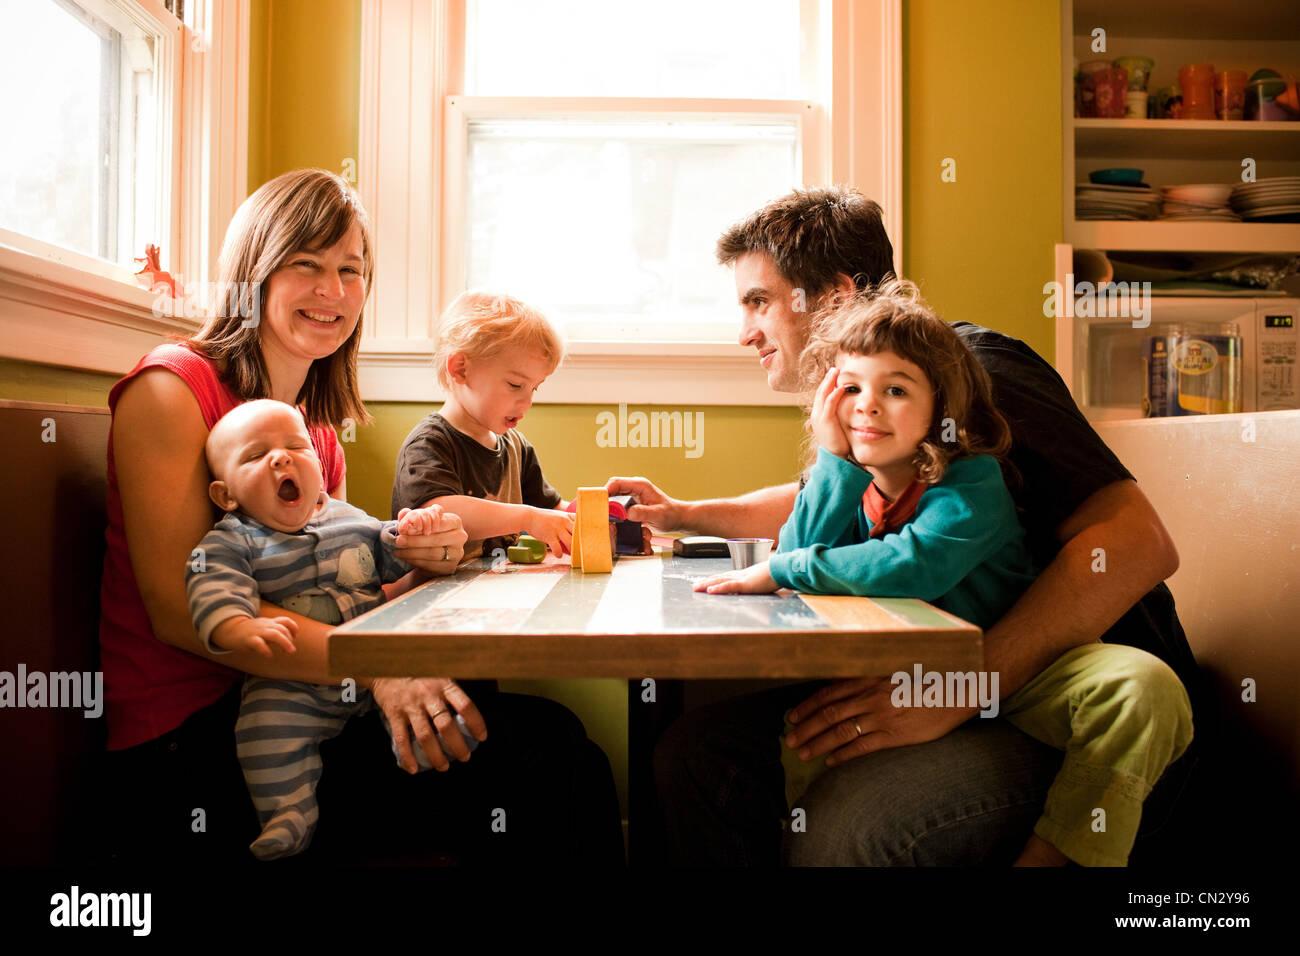 Familie sitzt am Küchentisch Stockfoto